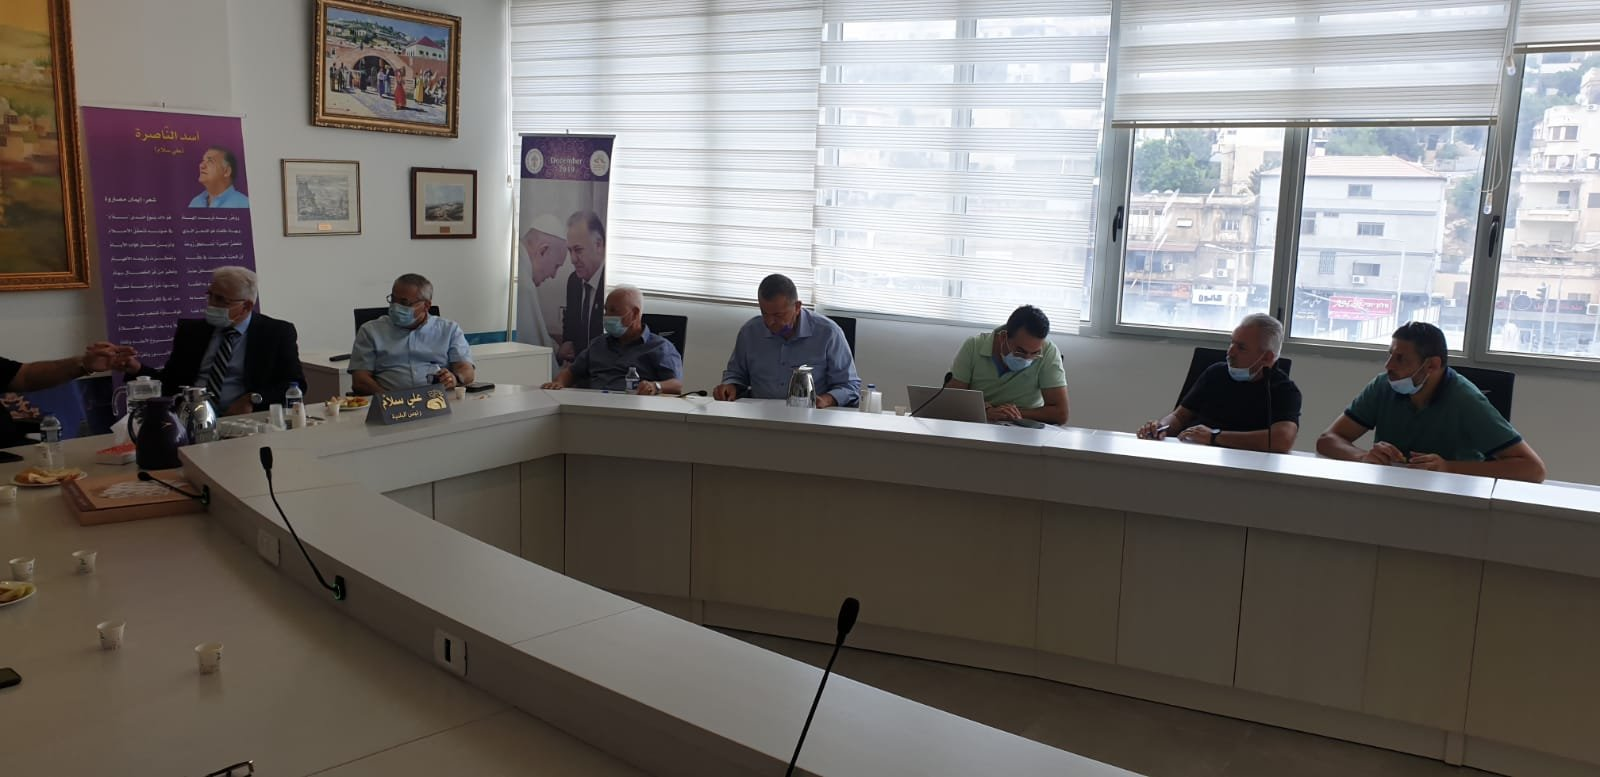 انطلاق مشروع المدارس الآمنة من الكورونا في الناصرة-7